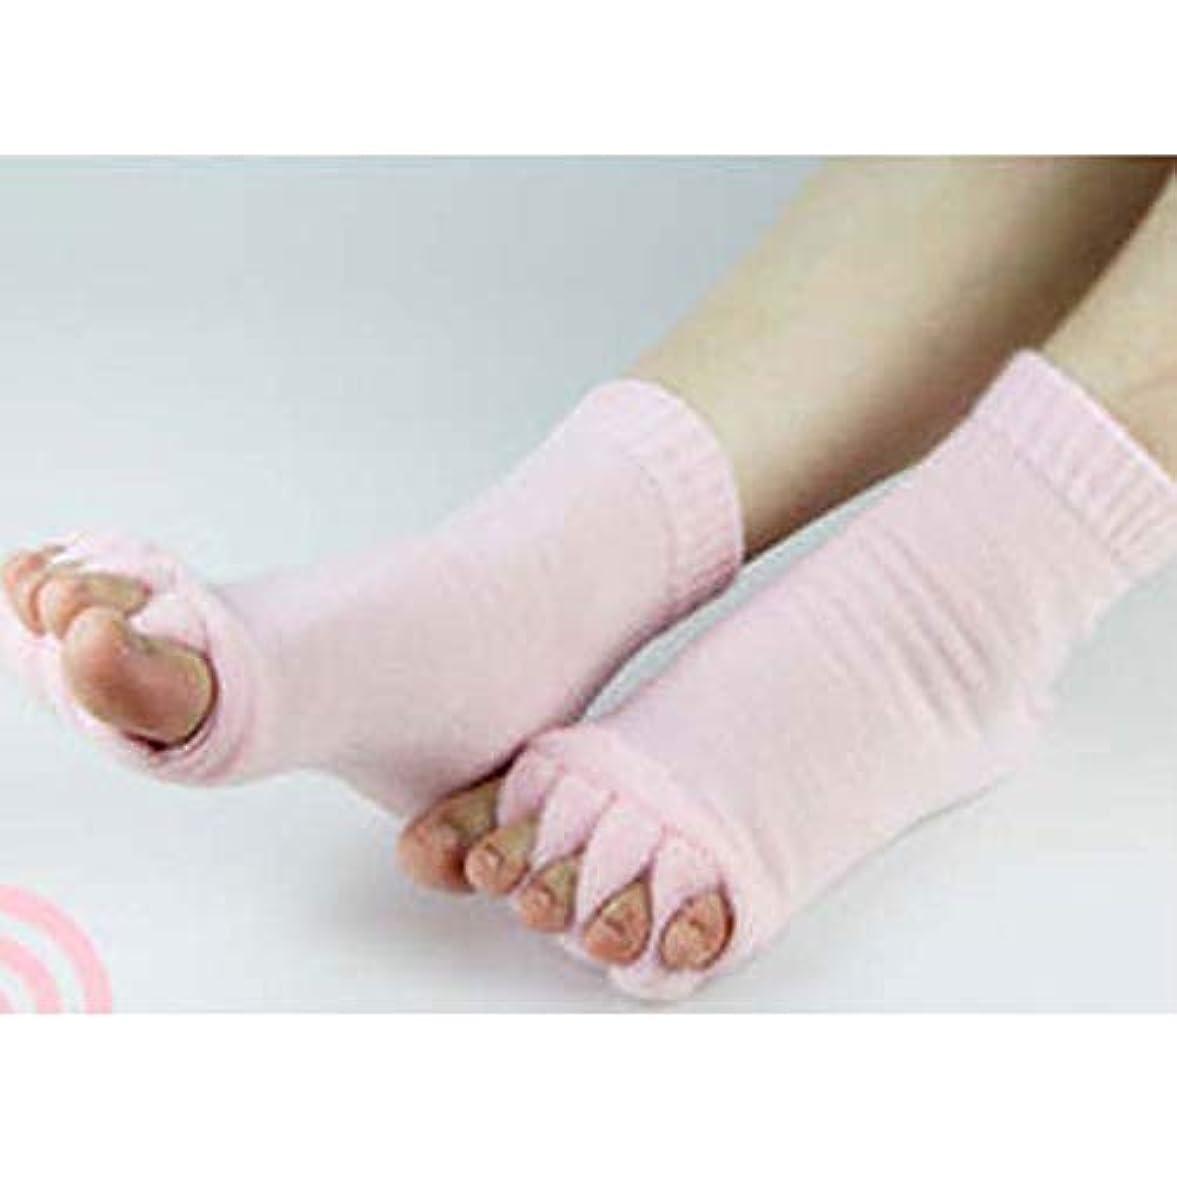 そんなに習字再撮り足指スリーピングソックス 足指セラピー ピンク